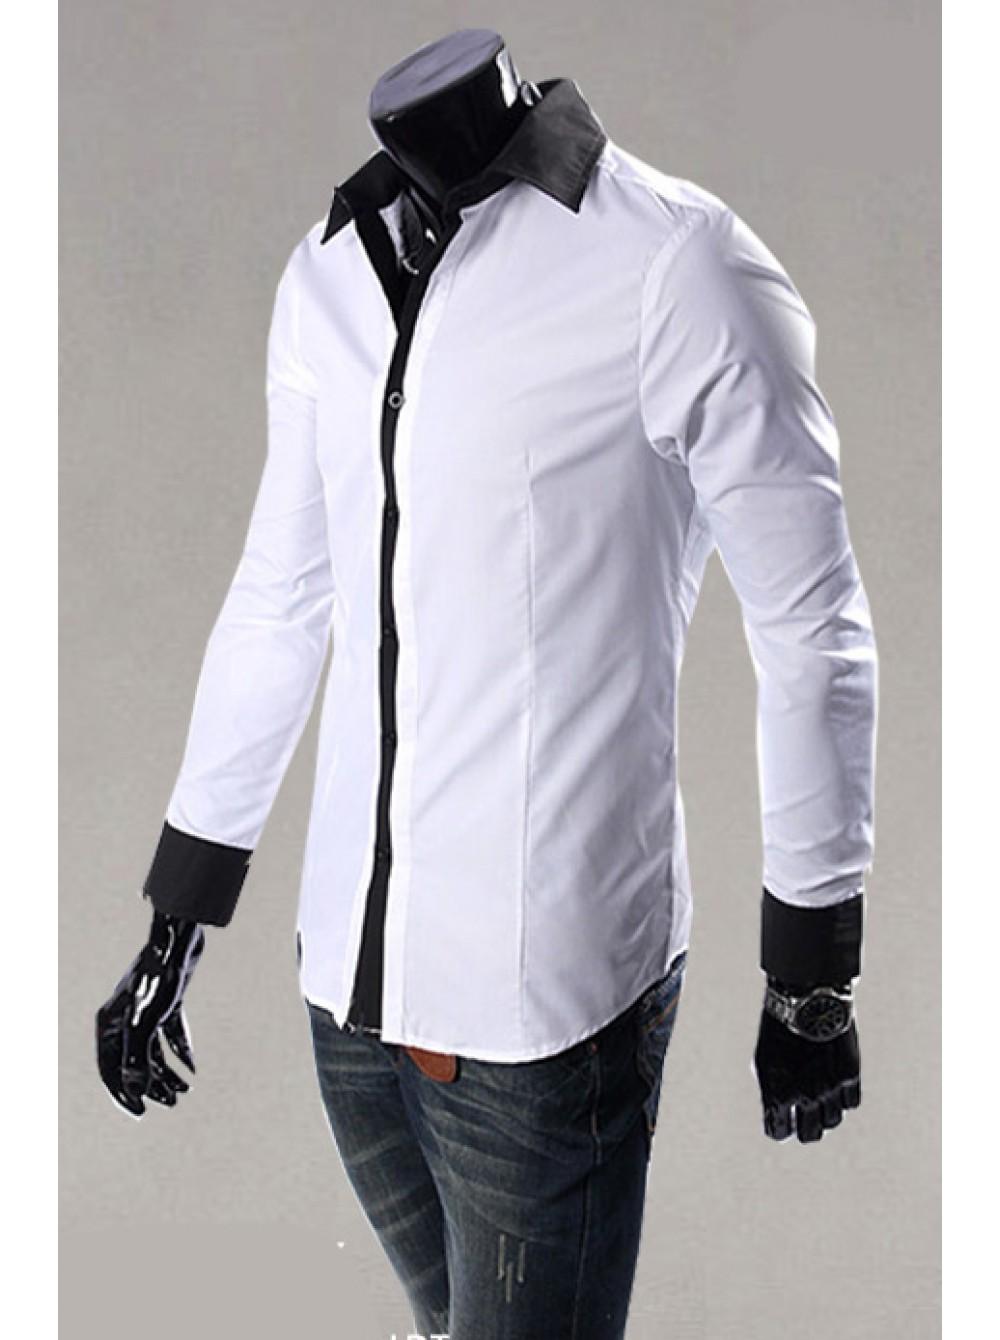 9292dd9bf95 Стильная рубашка купить в Украине с доставкой Новой почтой. Цена 199 ...